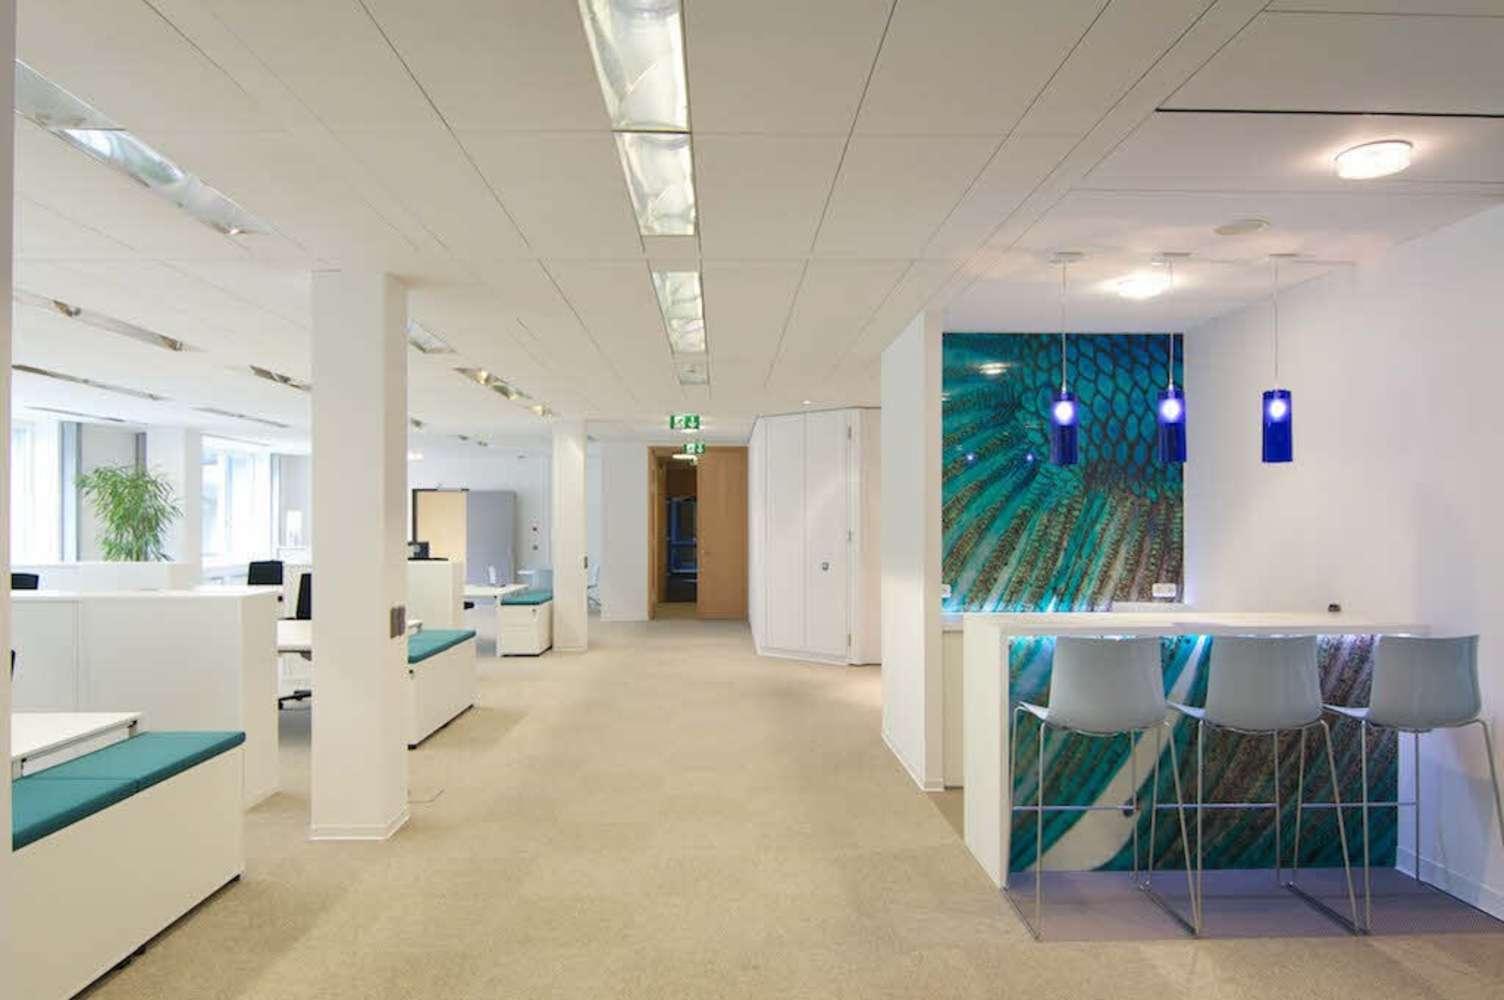 Büros Frankfurt am main, 60313 - Büro - Frankfurt am Main, Innenstadt - F0673 - 9866573